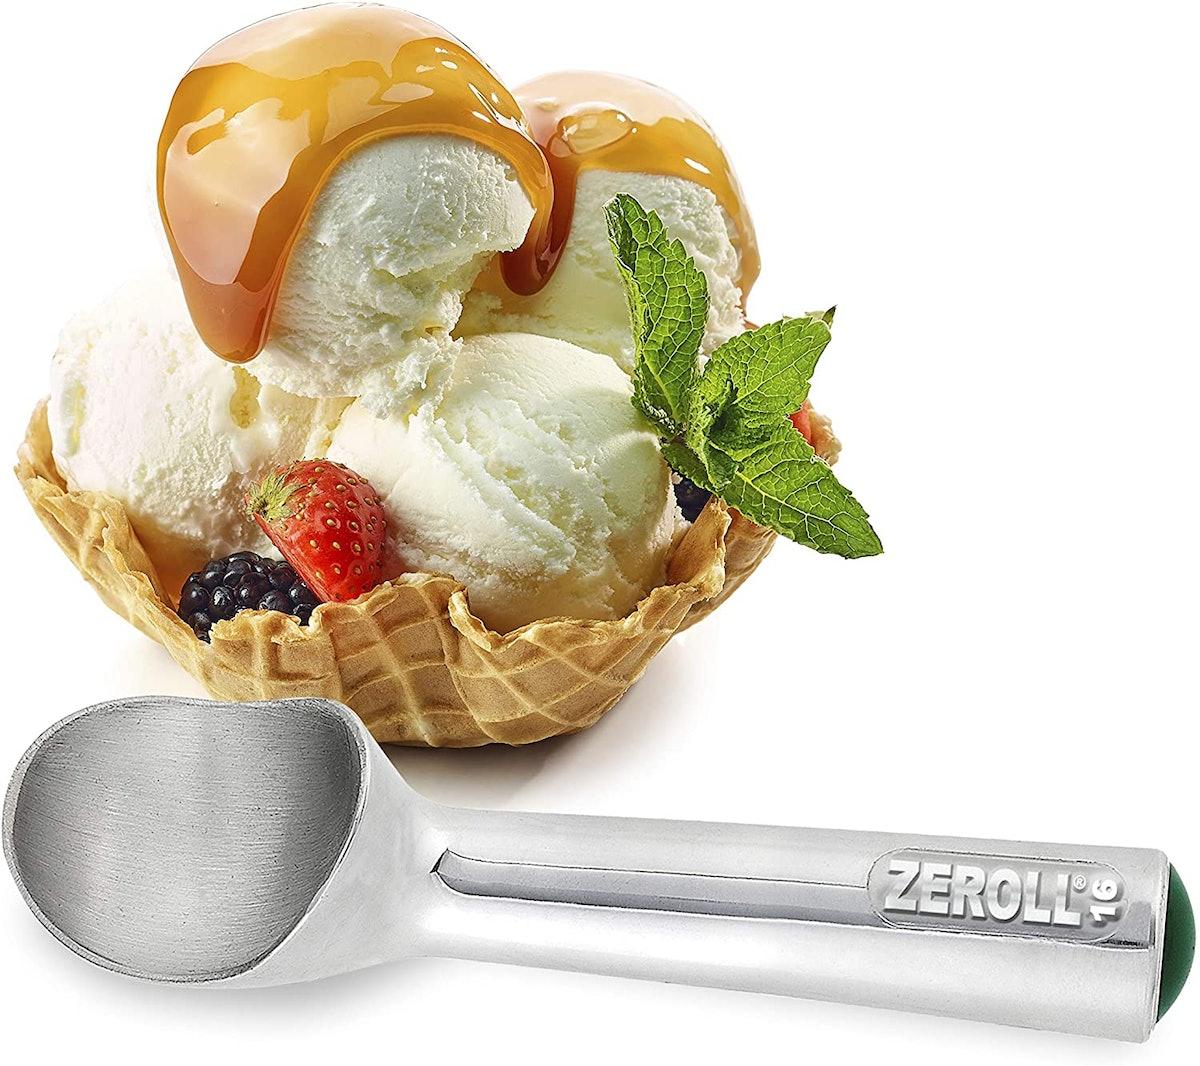 Zeroll Original Ice Cream Scoop